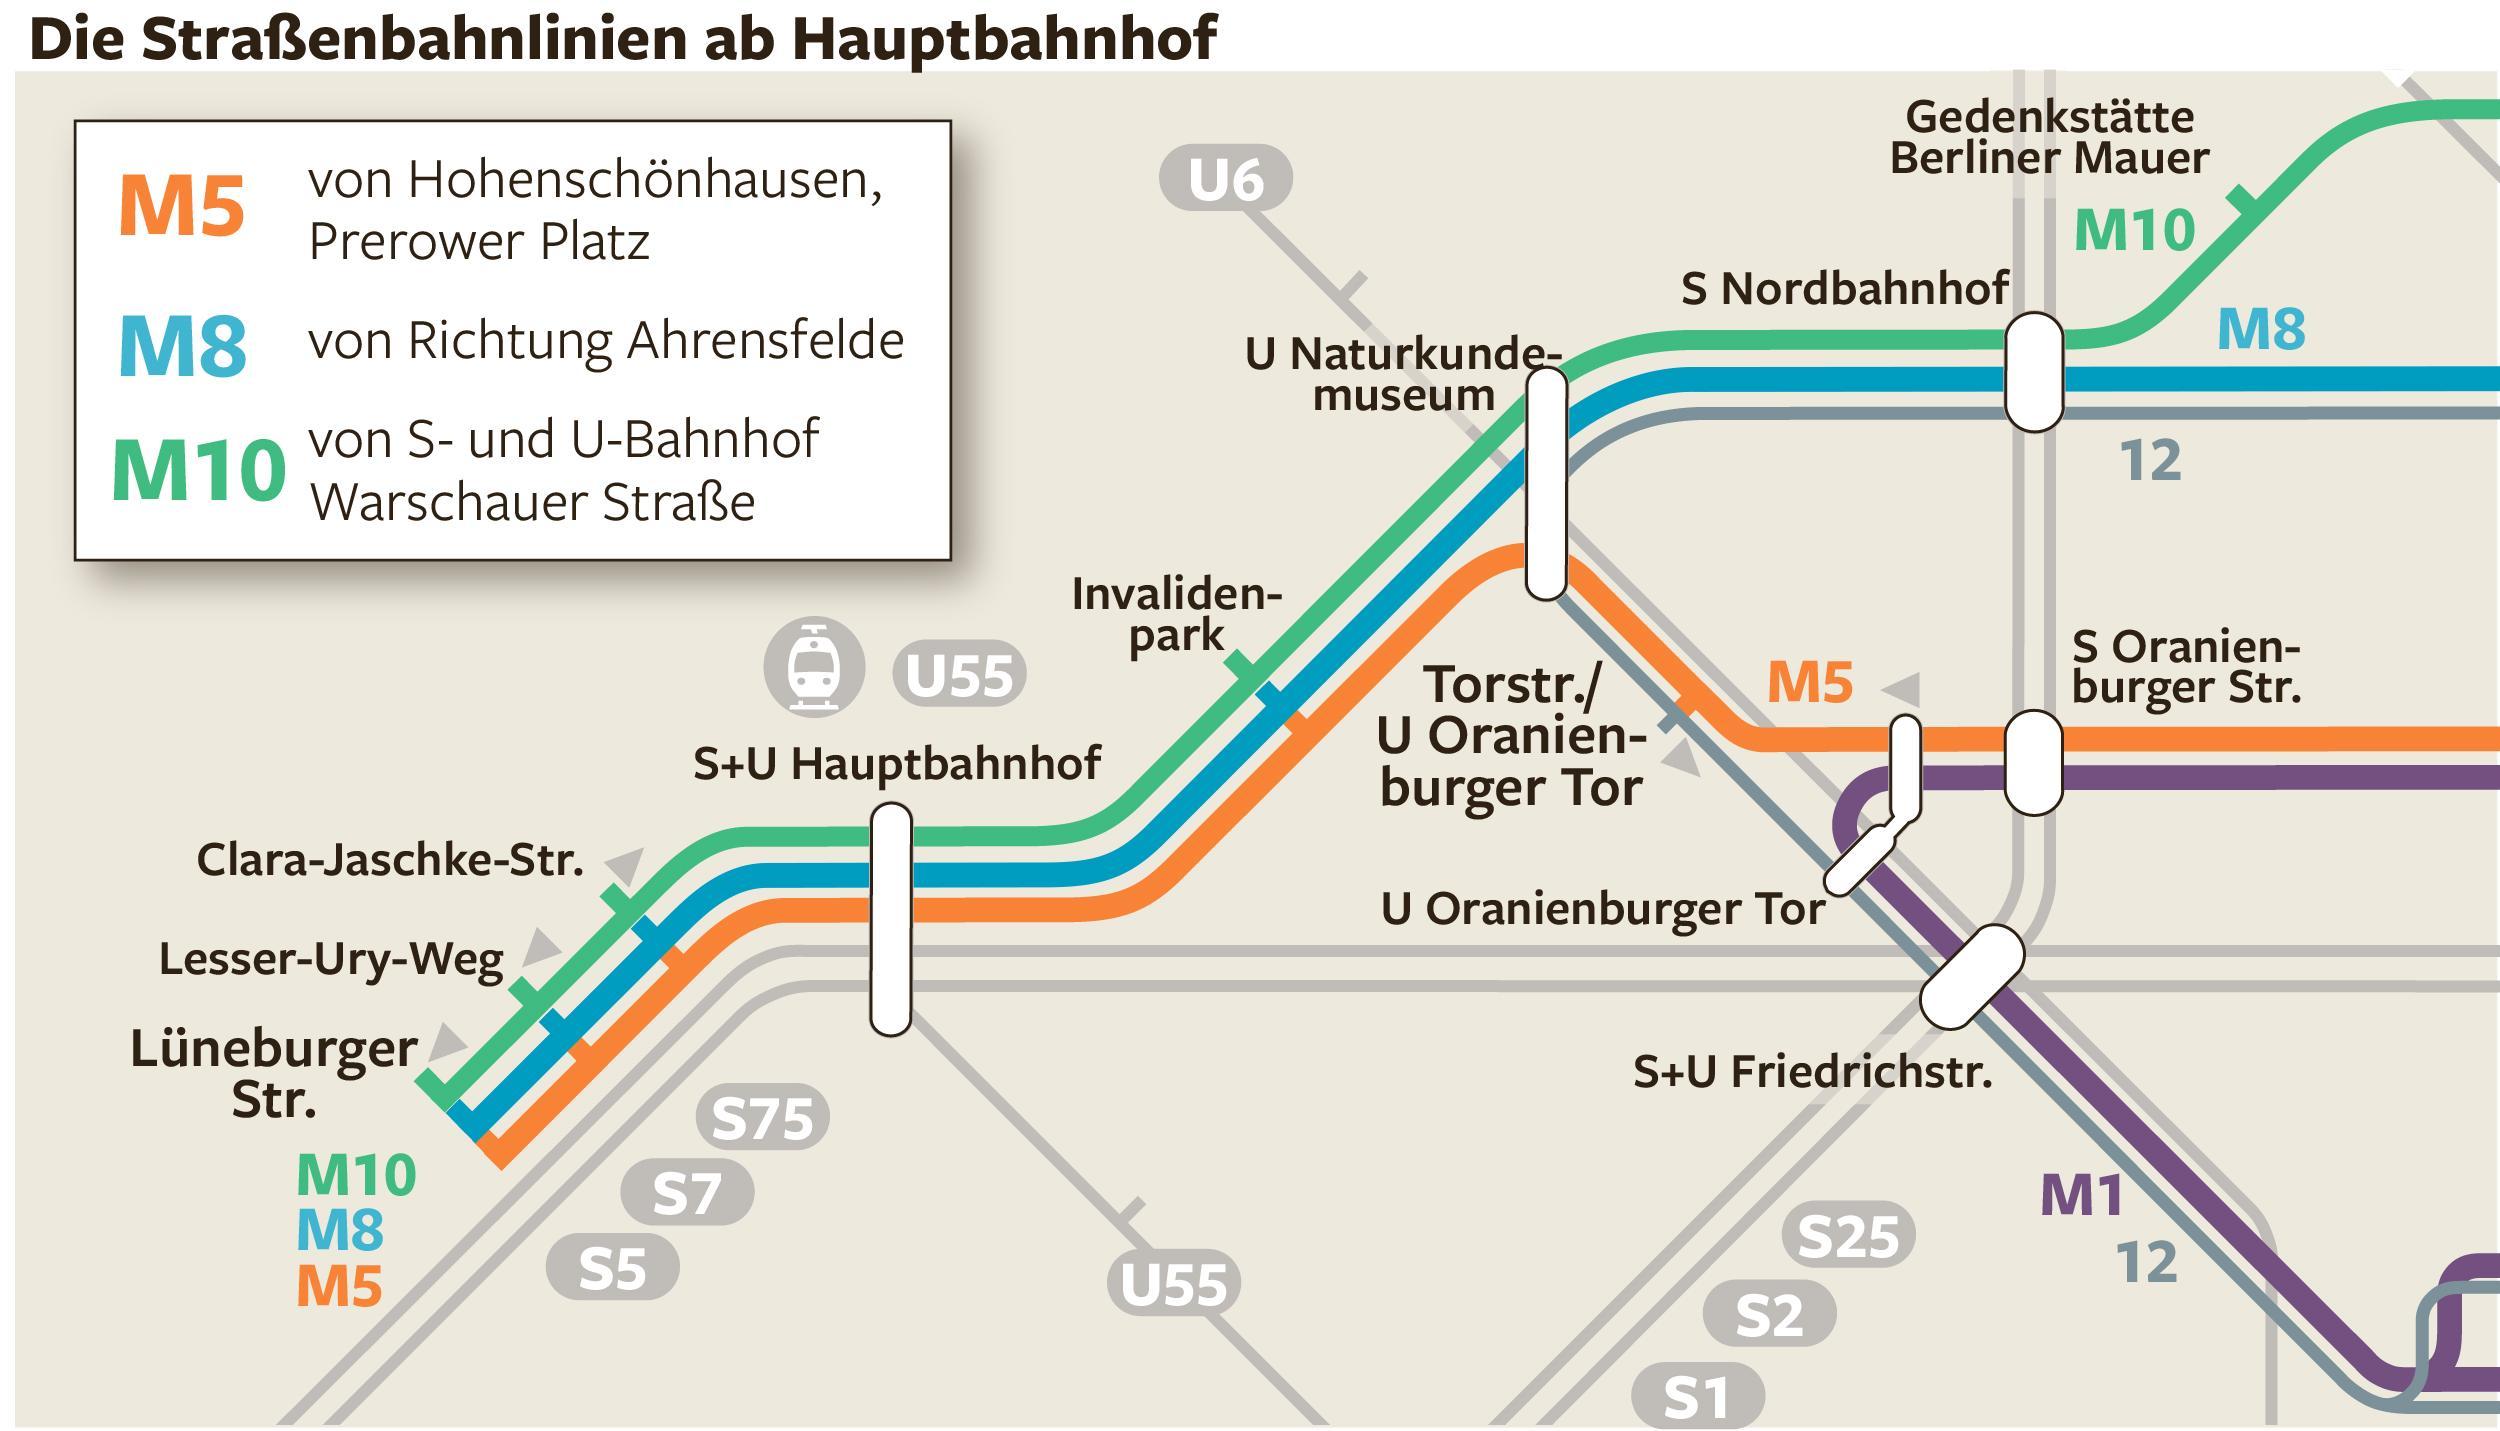 Neue Tramlinien mit Gratisticket zum Hauptbahnhof Berlin